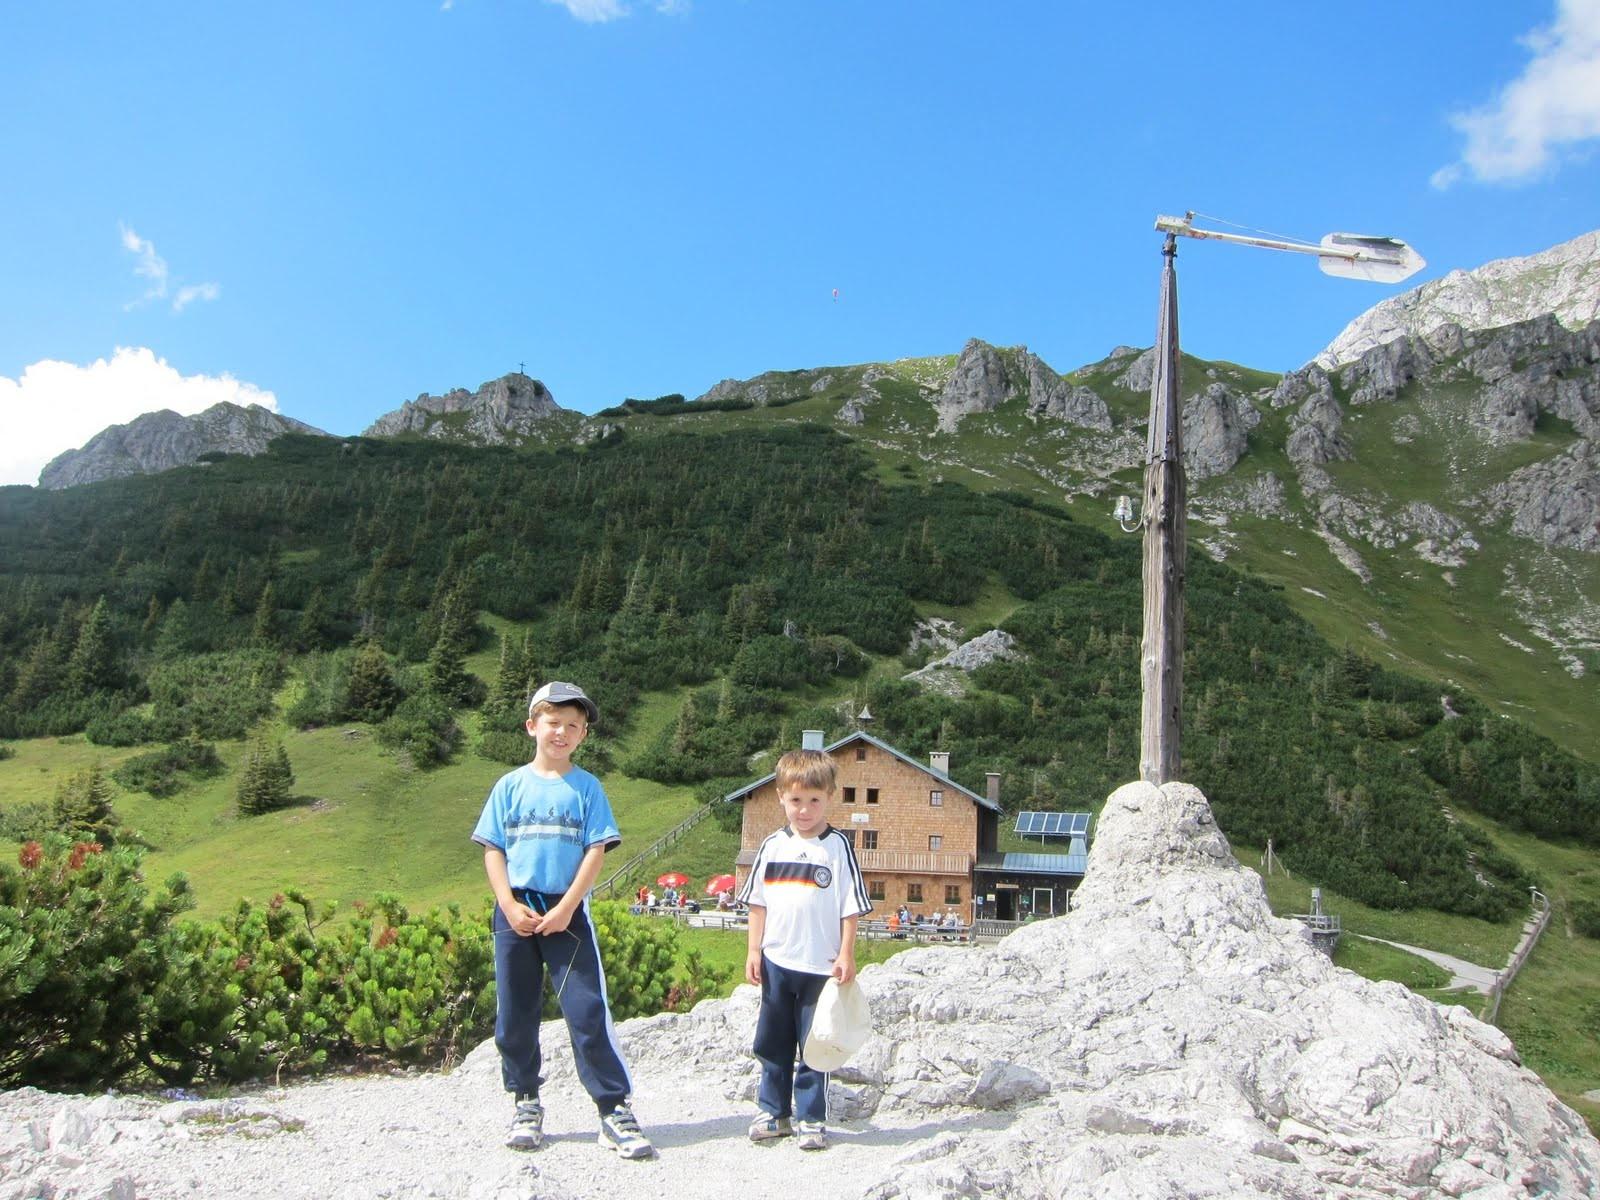 Reisegeschichten 2010: Mountain hiking tour around Jenner ...